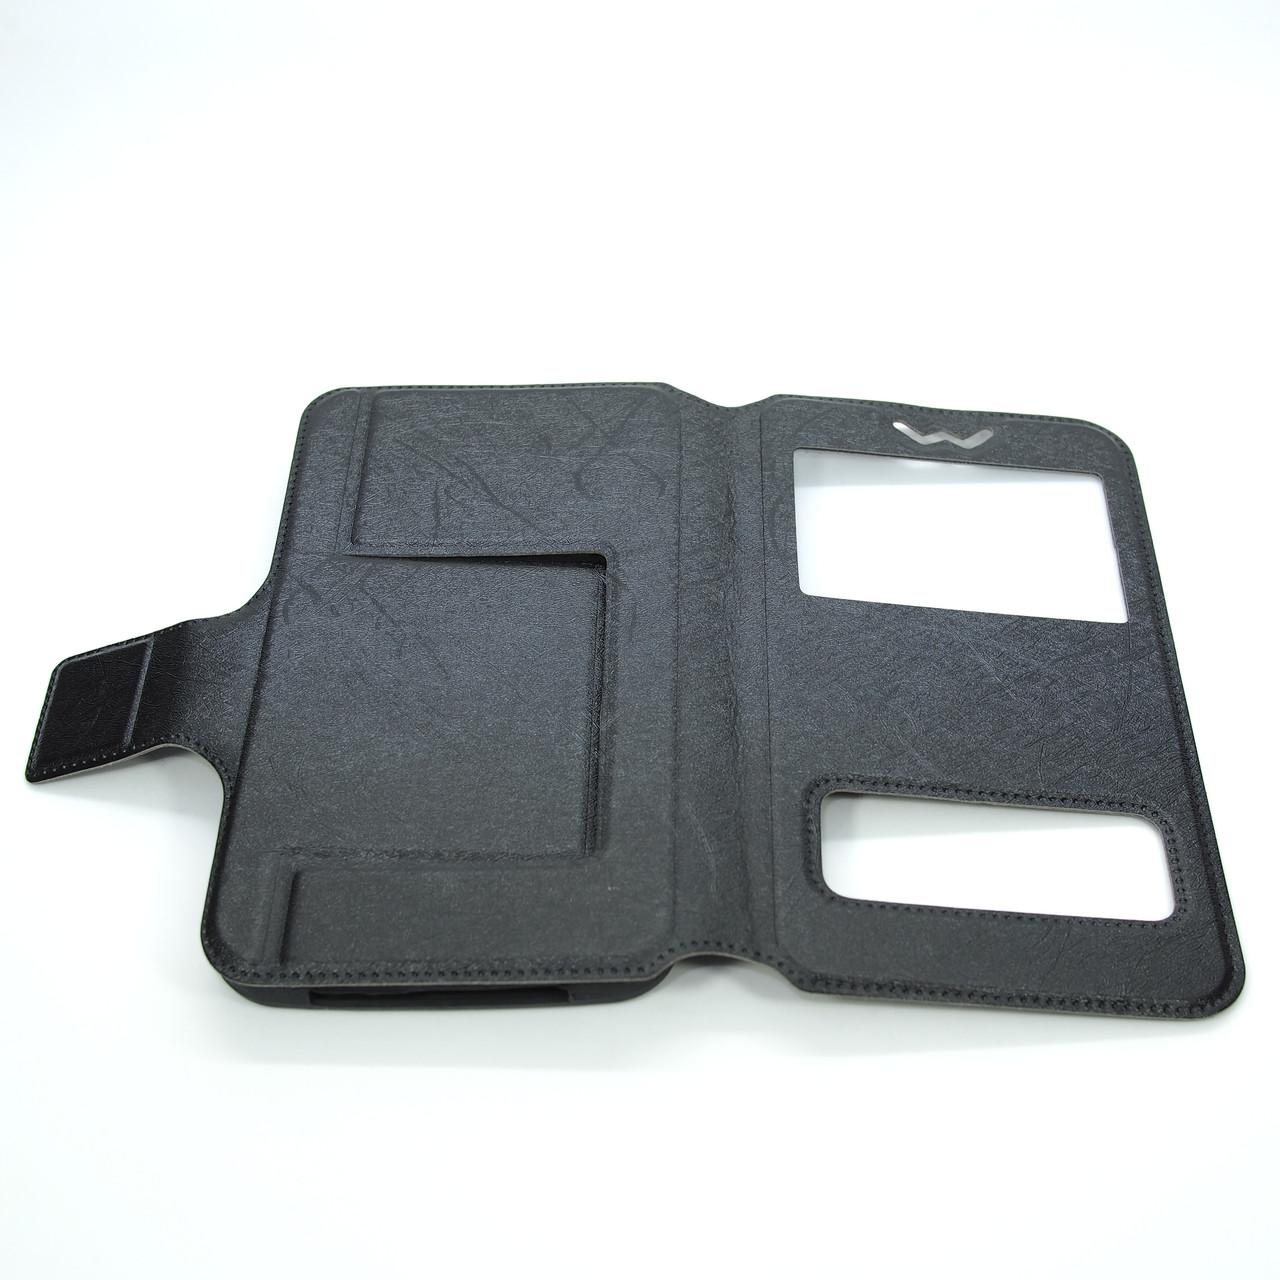 Чехлы для других смартфонов Universal Book Window 5.2-5.5 black